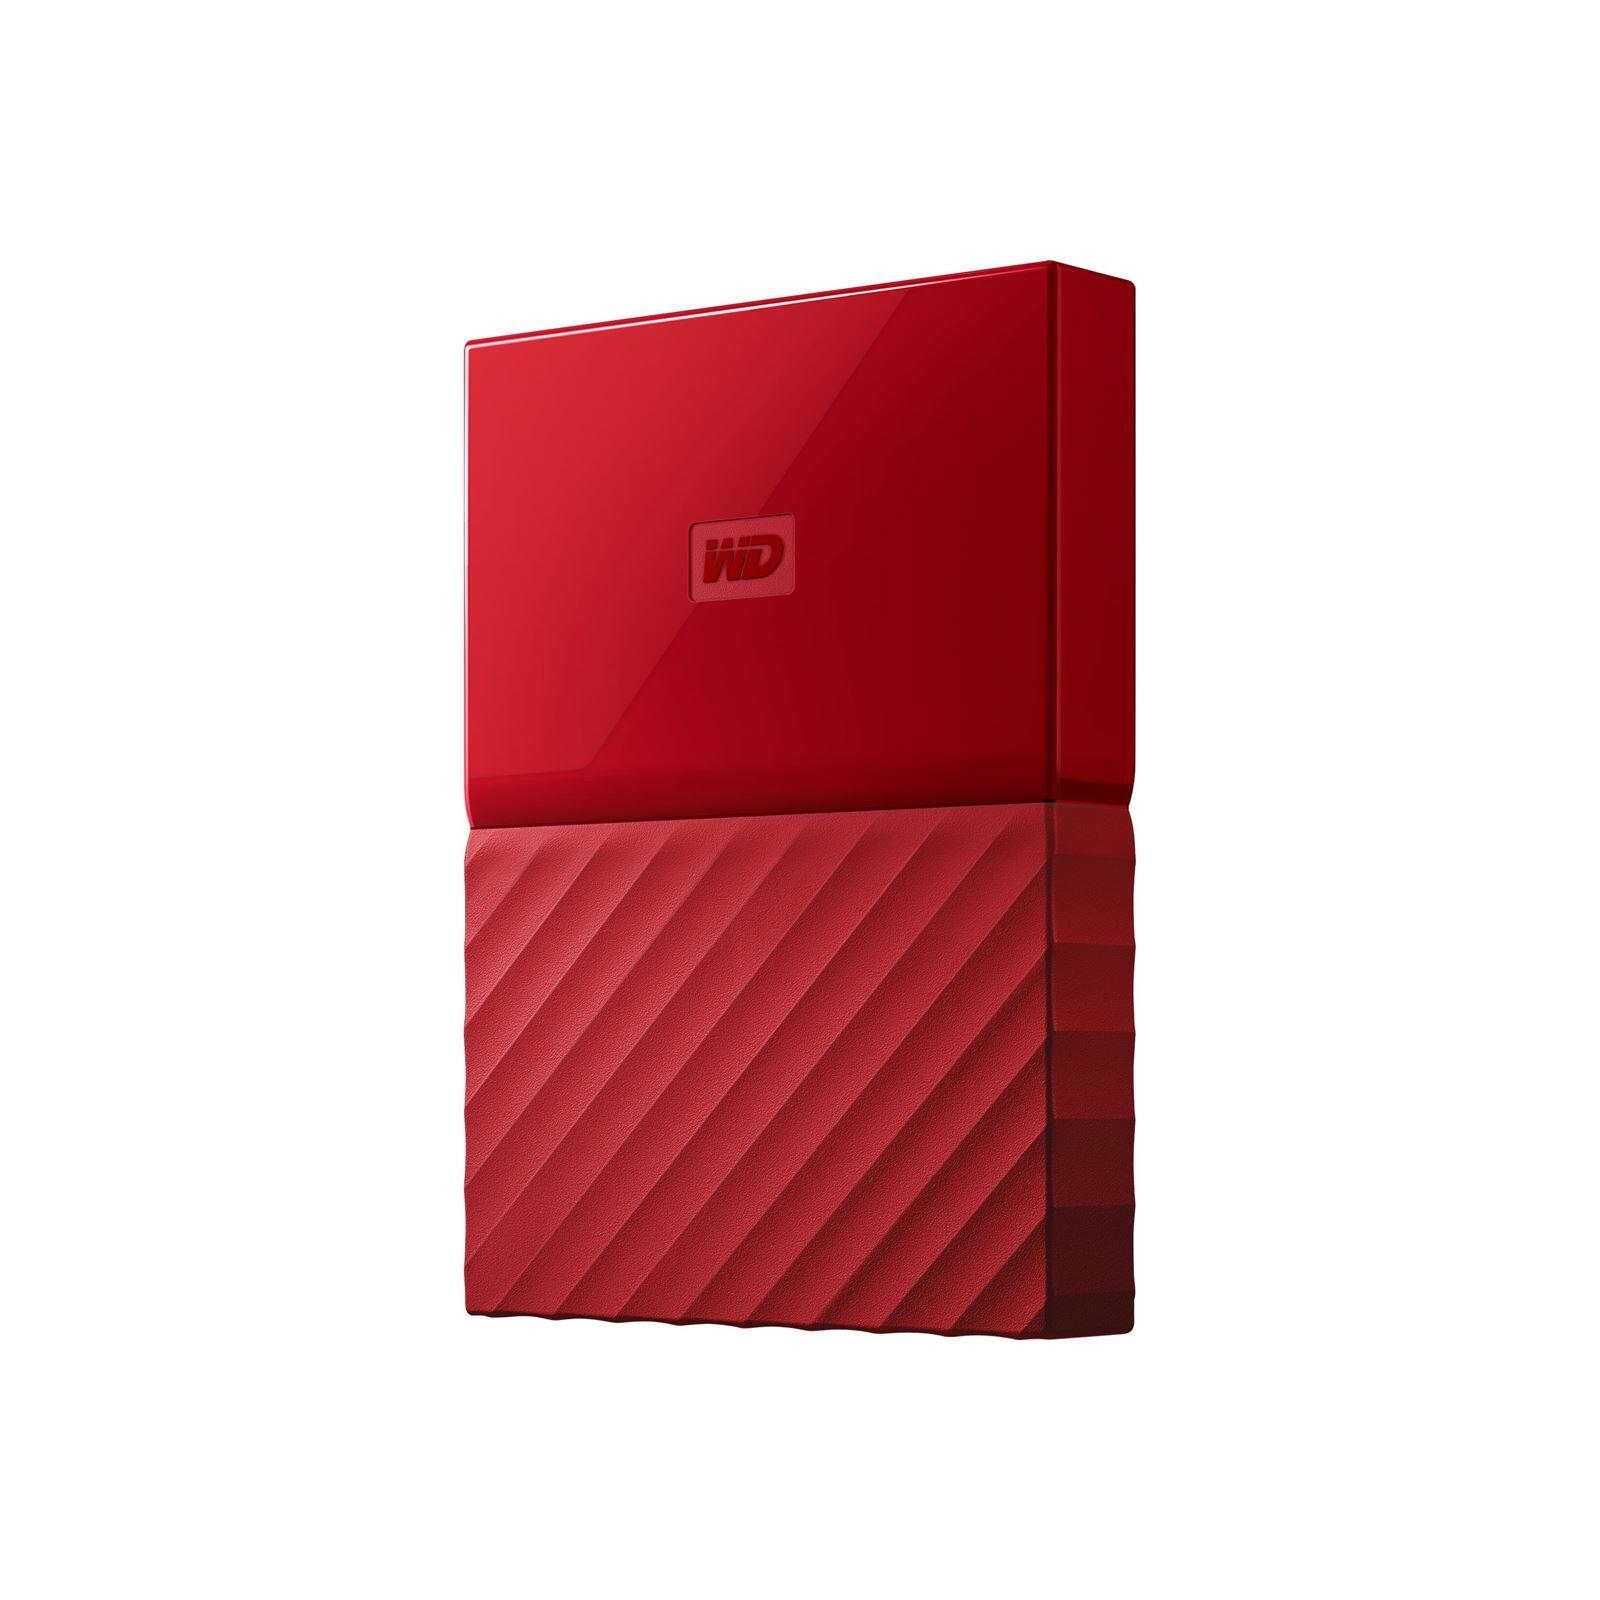 """Εξωτερικός Σκληρός Western Digital My Passport 2016 4TB USB 3.0 2.5"""" WDBYFT0040BRD Red image"""